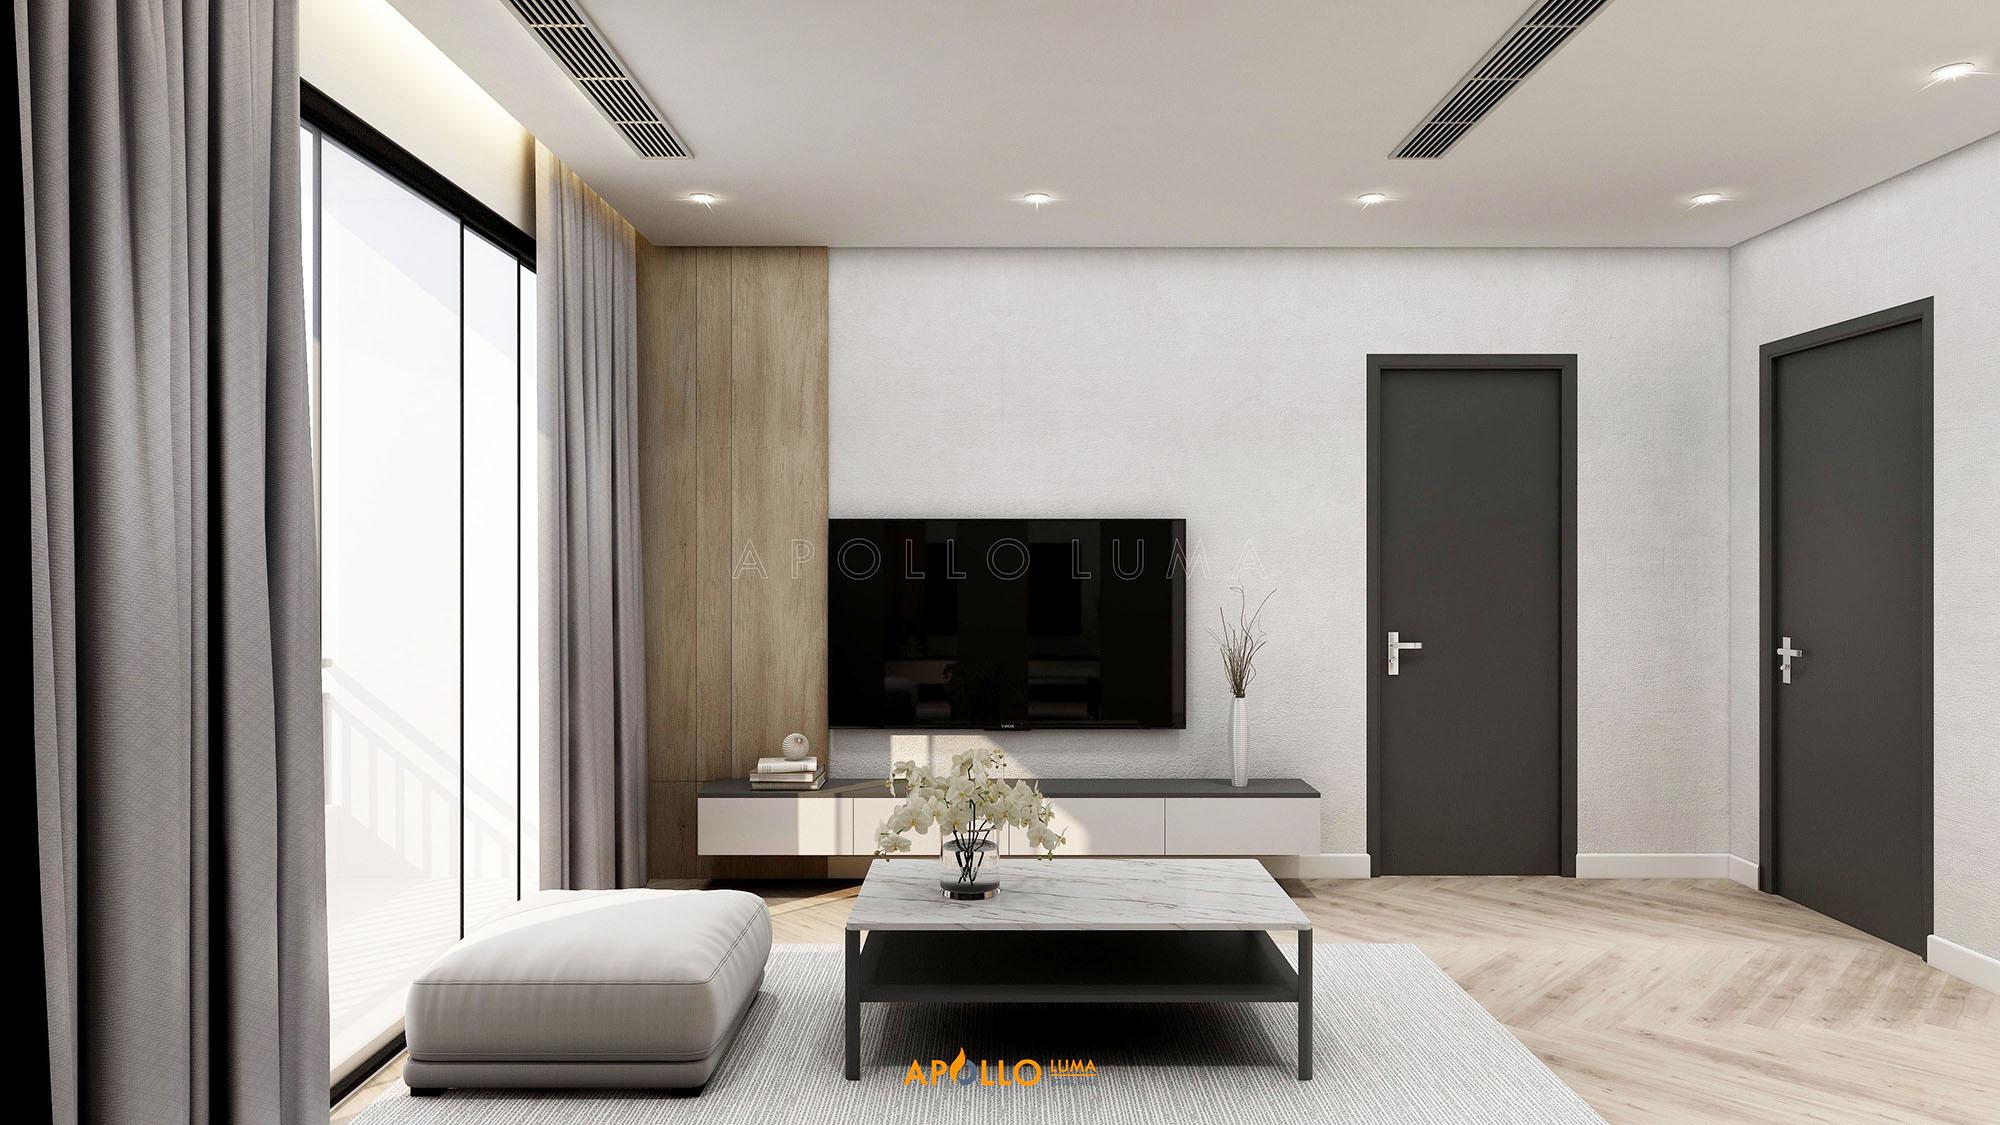 Thiết kế nội thất căn hộ 2PN The Terra An Hưng - Căn hộ số 07 (74m2)